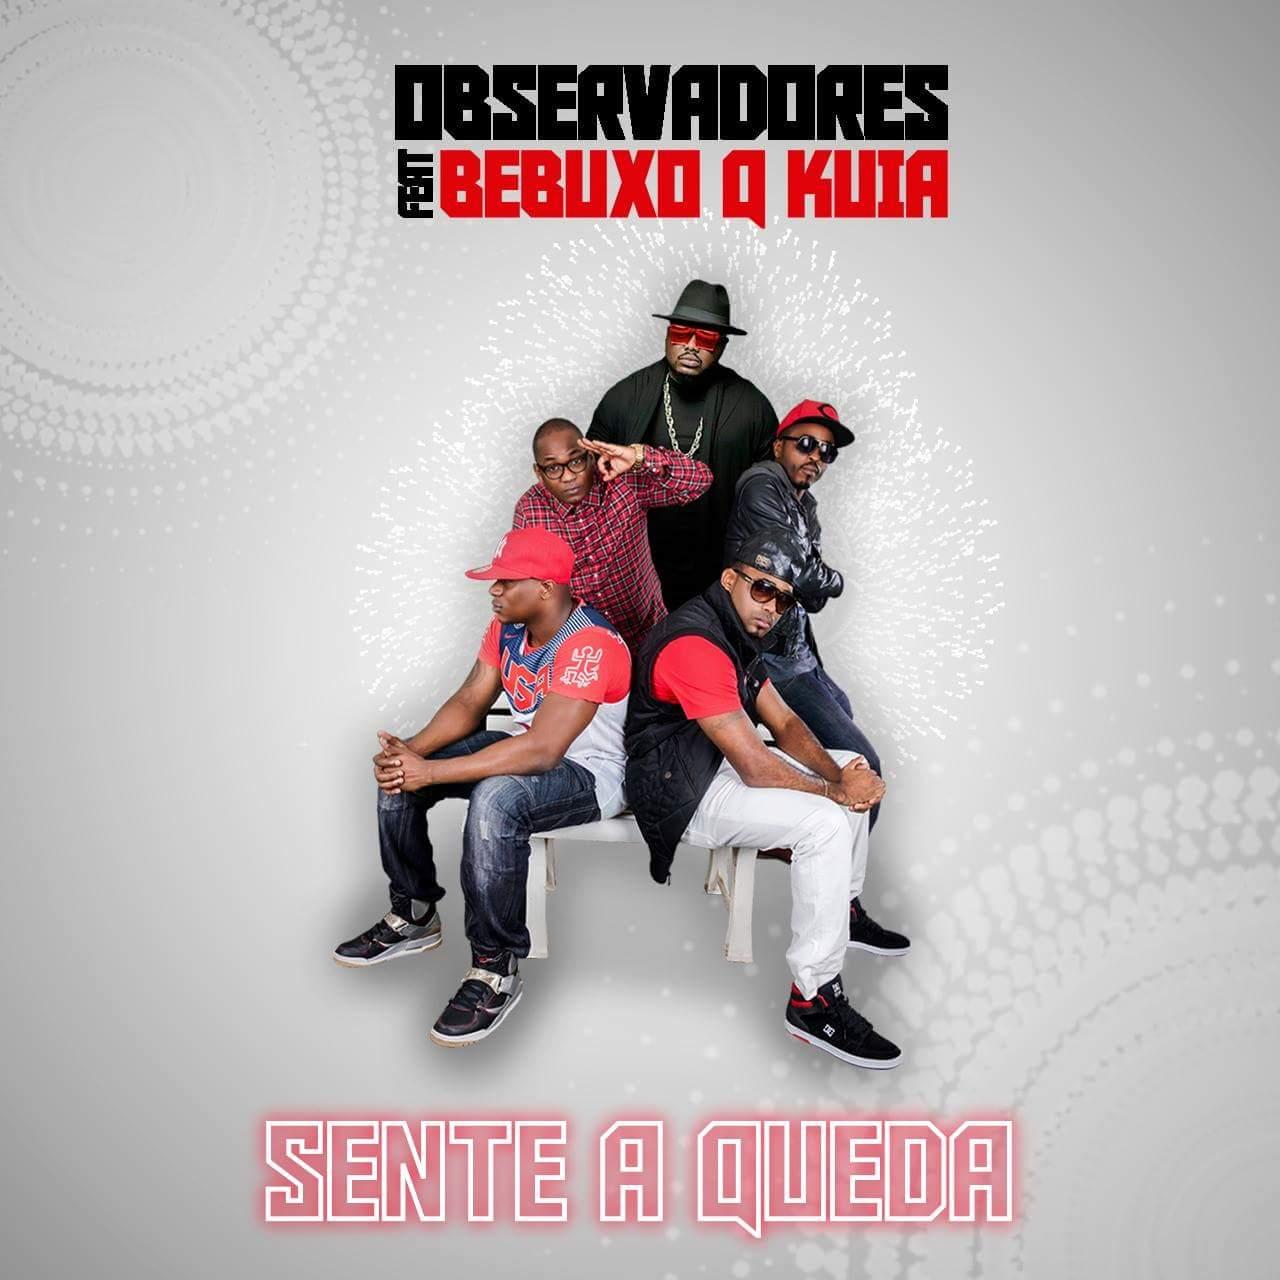 Observadores Feat. Bebucho Q Kuia